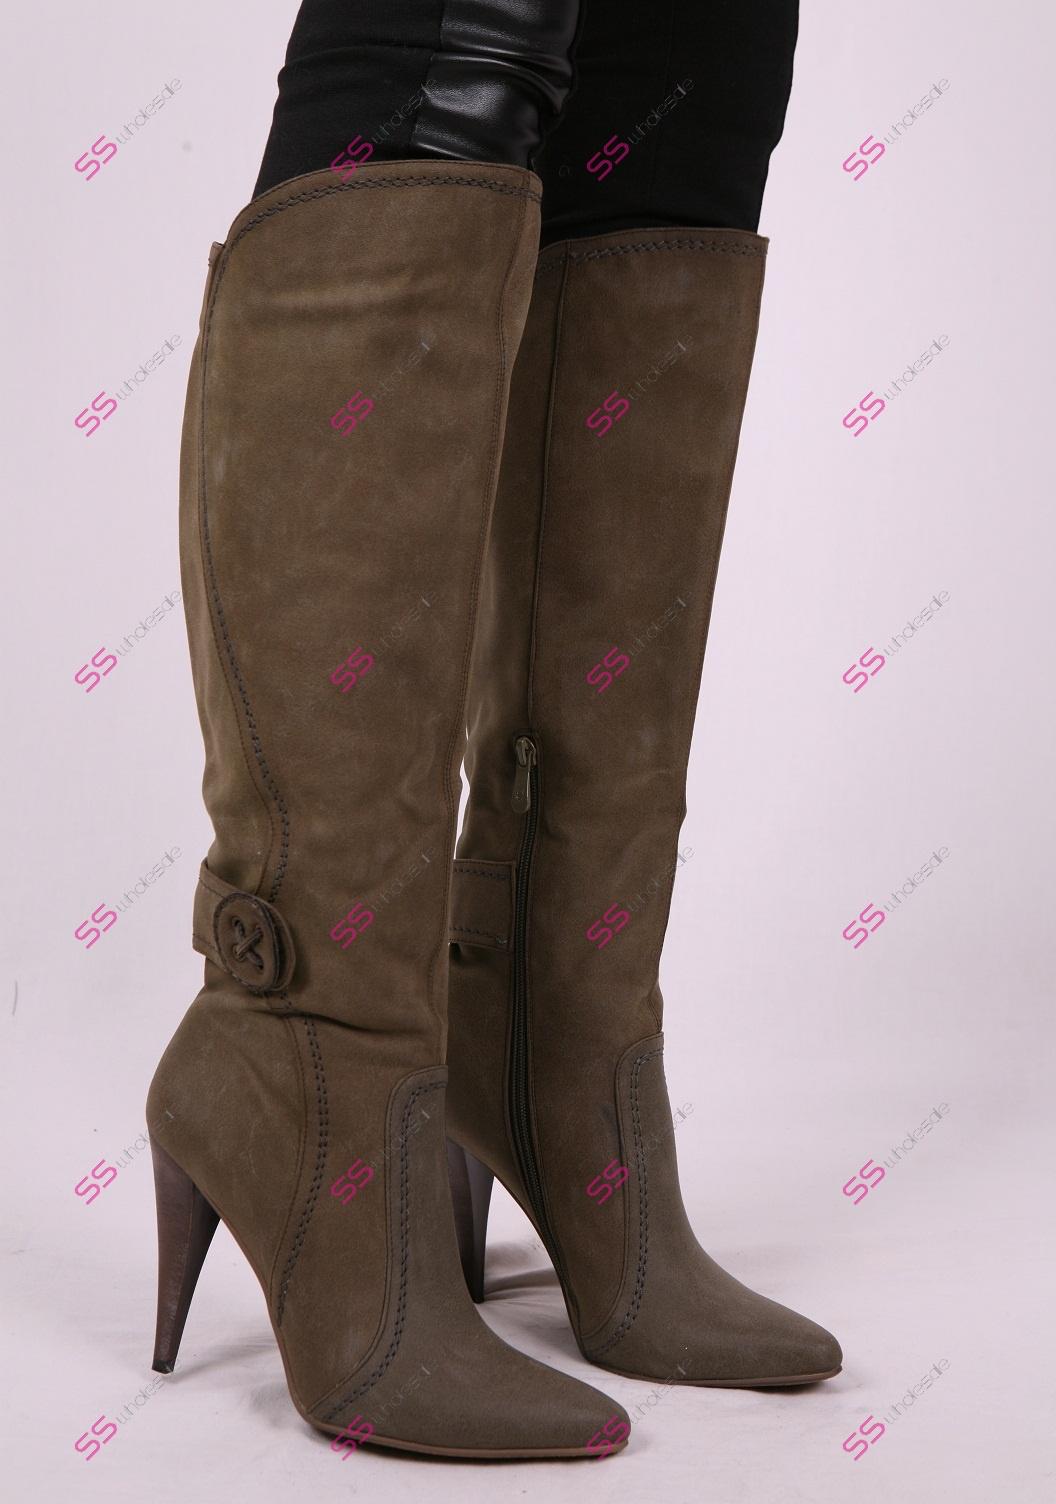 3810612a1 Exkluzívne dámske čižmy | SS veľkoobchod obuvy a šiat